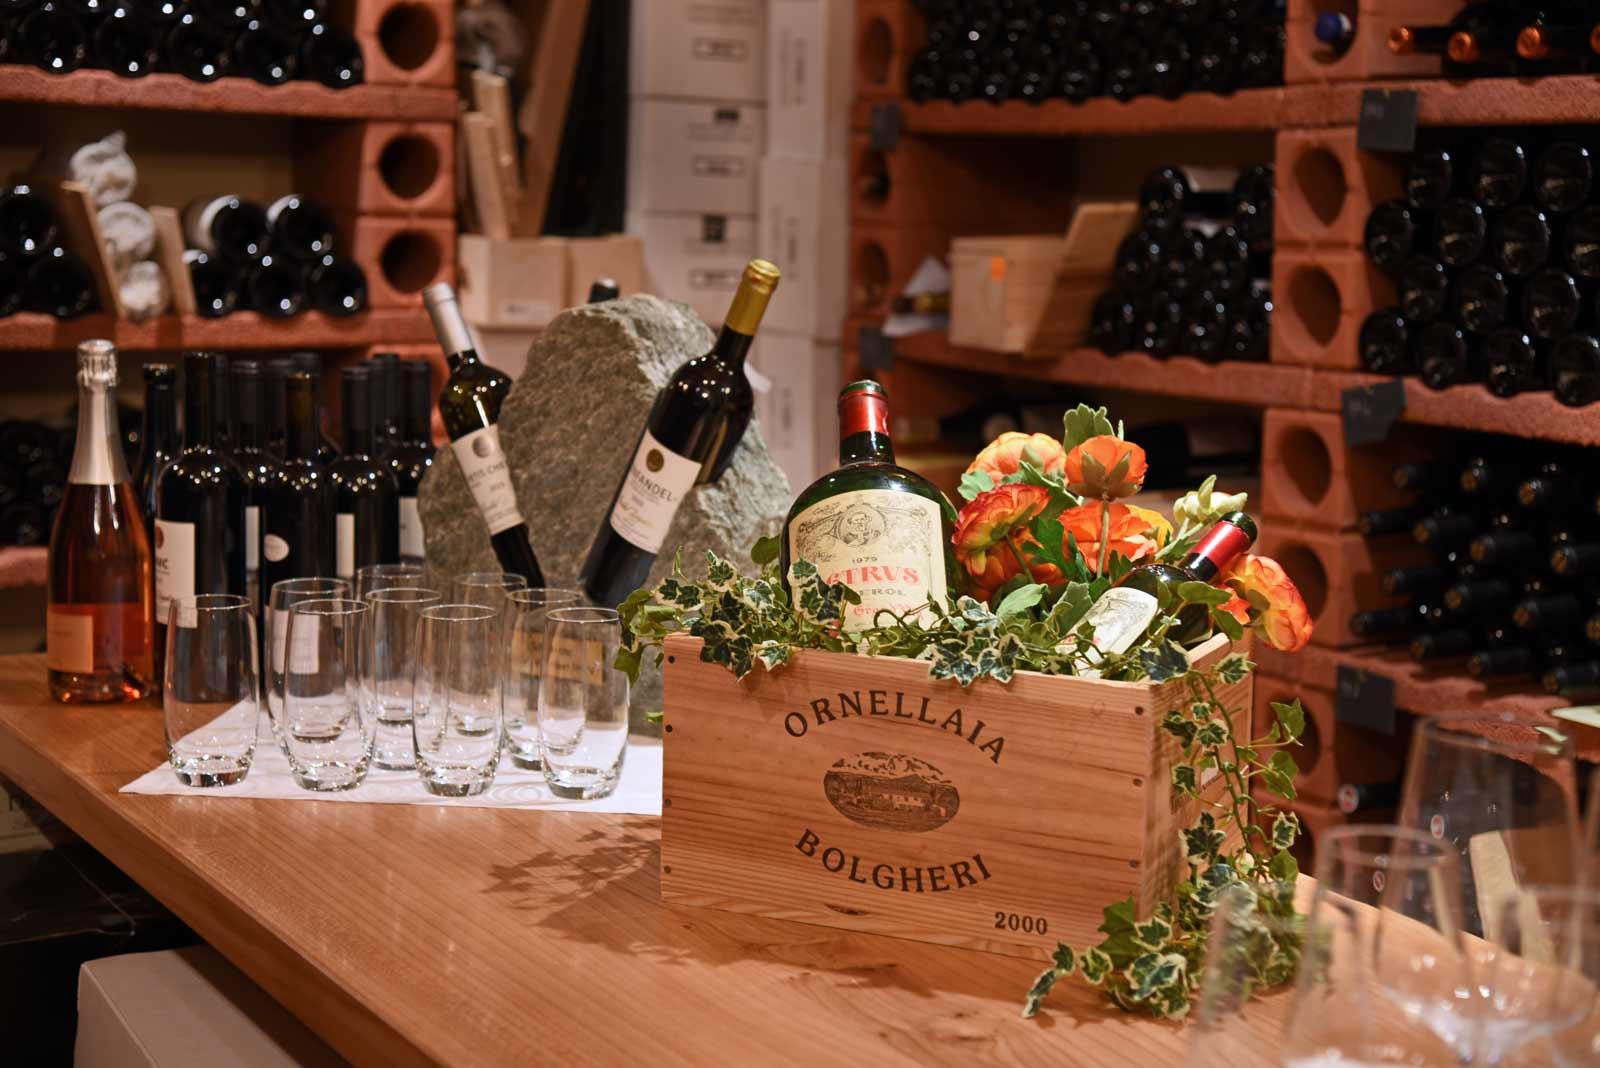 Dekorierter Tisch in der Vinothek